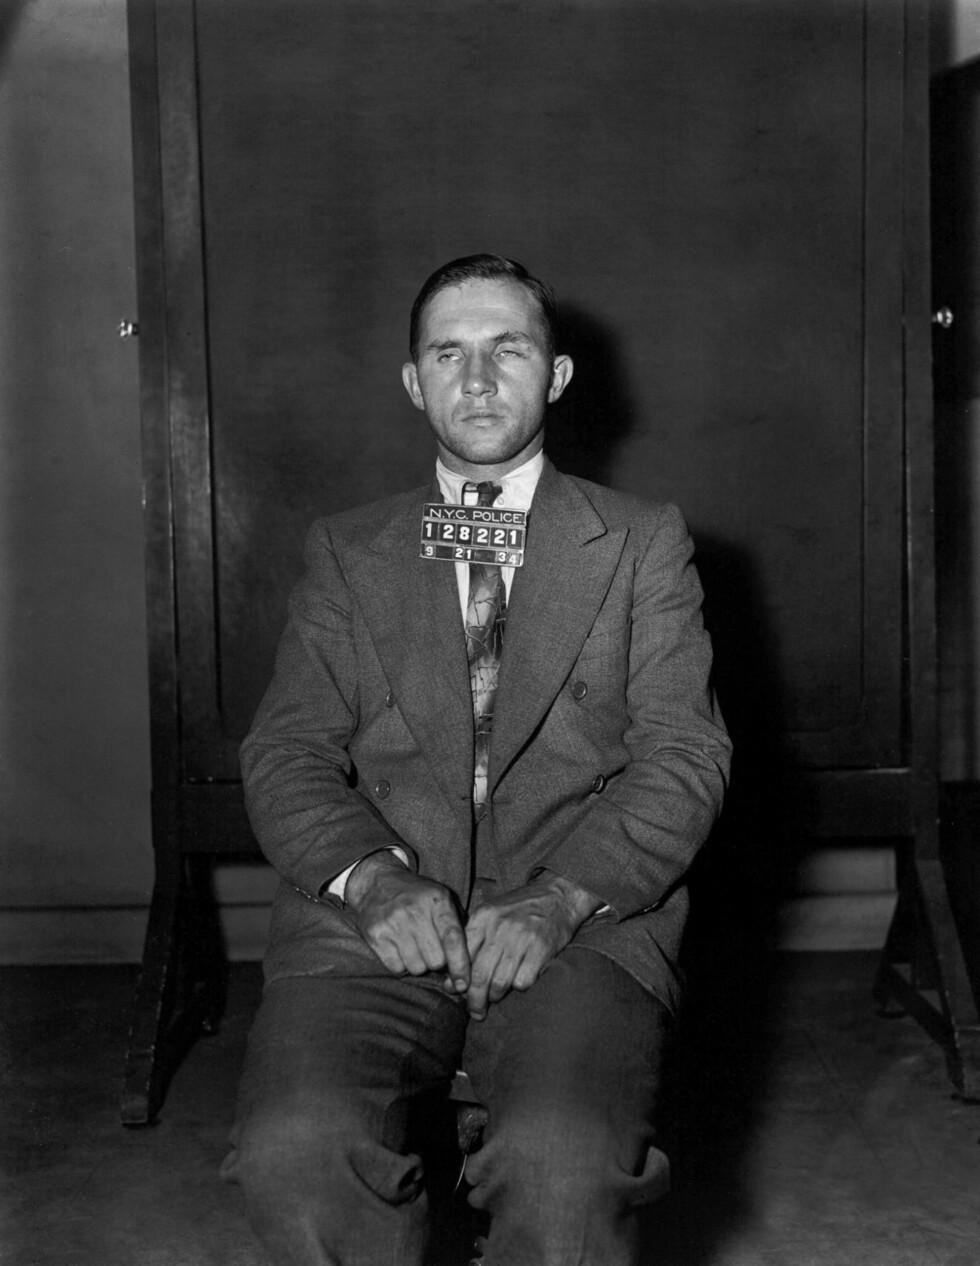 MUGSHOT: Snekker Bruno Richard Hauptmann ble i 1934 arrestert for kidnapping og mord på lille Charles Lindbergh, jr. Her poserer han for politiet i New York høsten 1934. Halvannet år senere ble han henrettet. Han hevdet hele tiden sin uskyld. Foto: NTB Scanpix